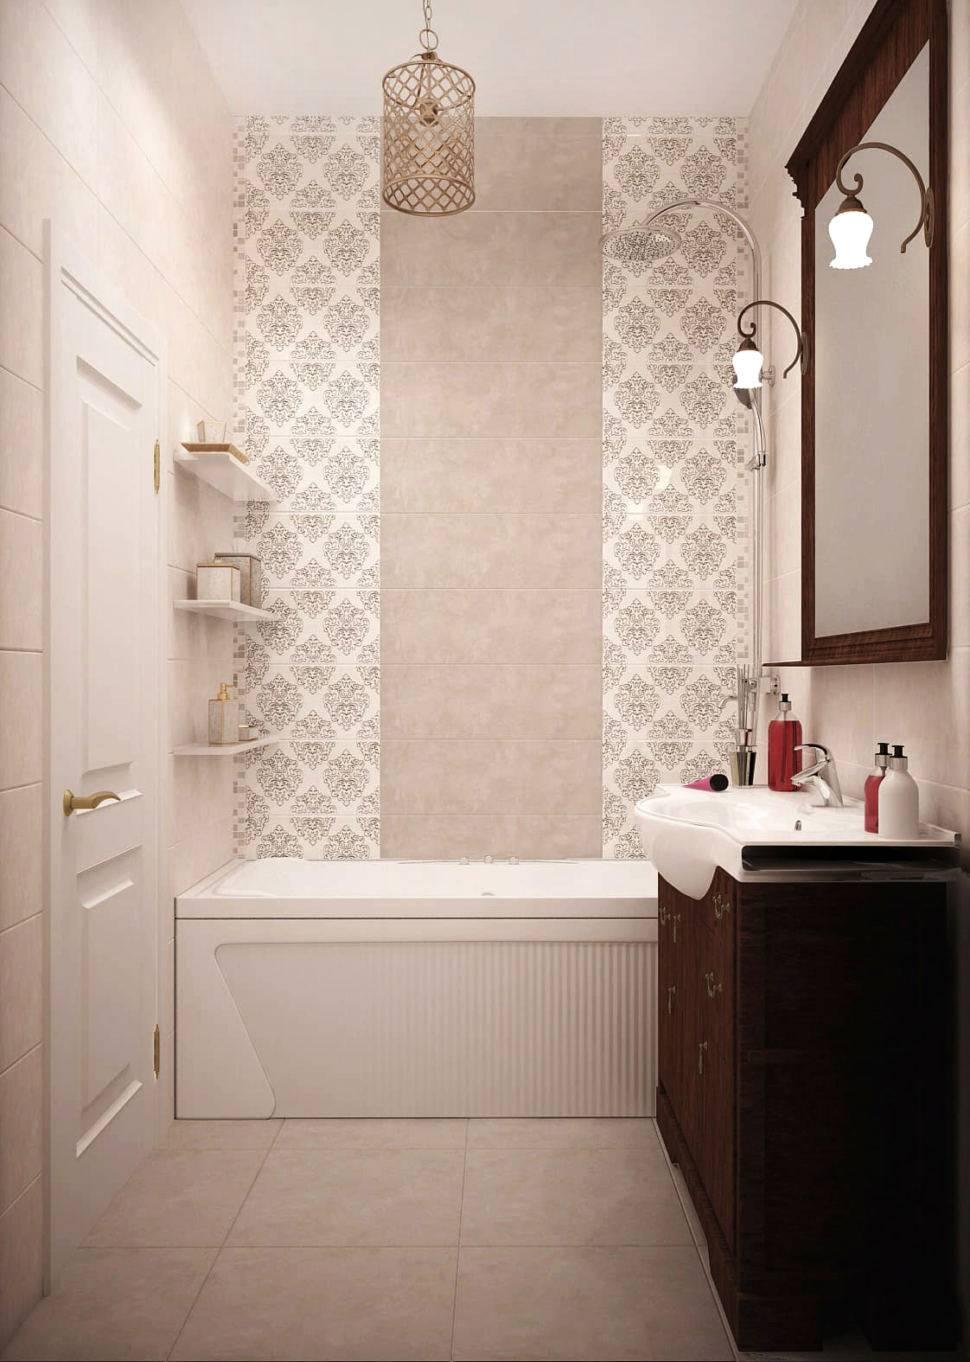 75 оптимальных идей дизайна ванной комнаты в классическом стиле